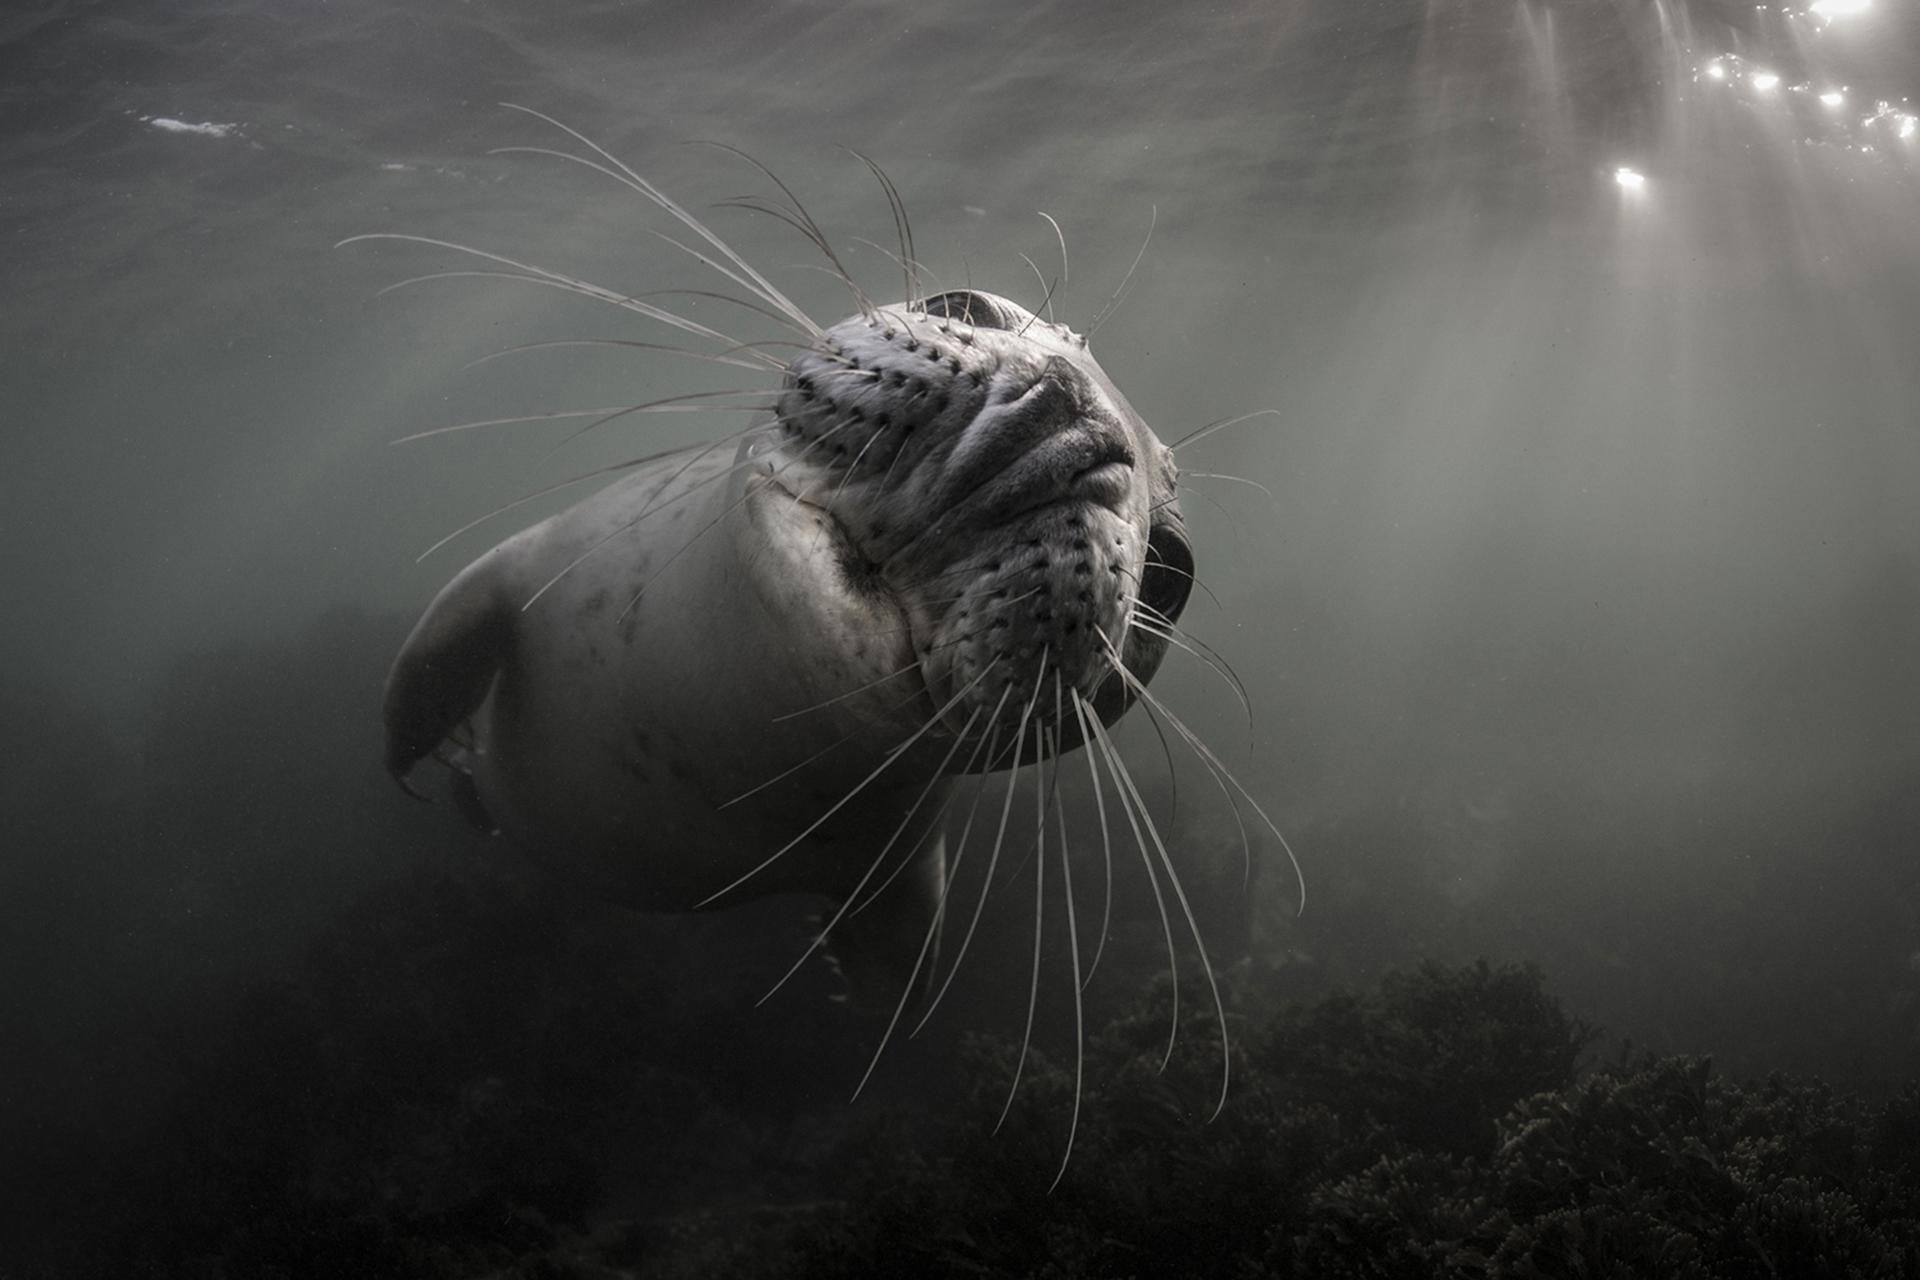 En noviembre pasado, Ellen Cuylaerts tomó esta foto cuando visitó la mayor colonia de focas grises del Reino Unido